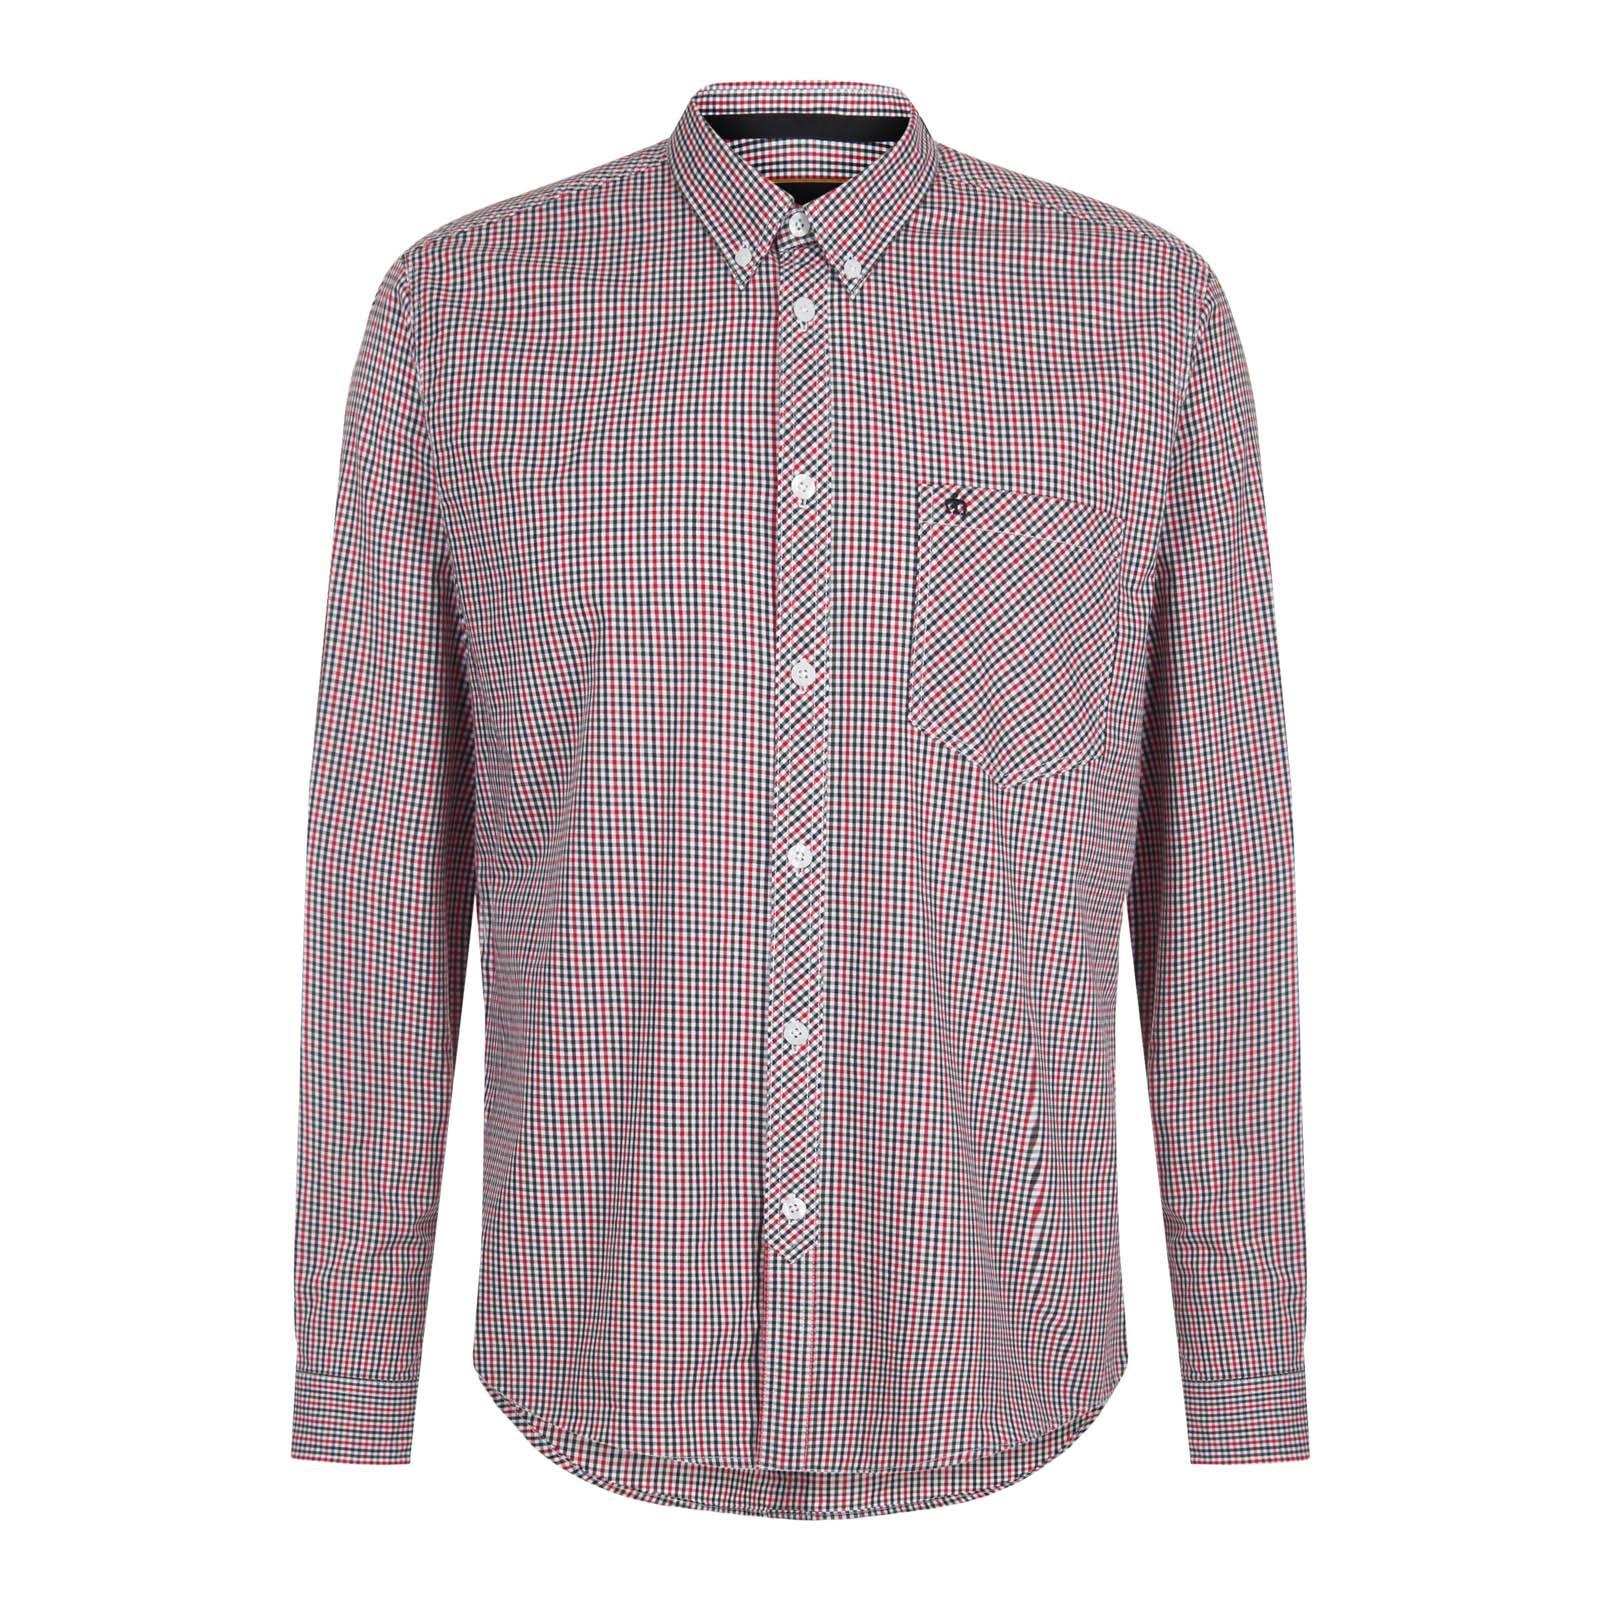 Рубашка SyndaleРубашки<br>Приталенного покроя мужская рубашка из высококачественной хлопковой ткани — мягкой, приятной на ощупь, прочной и долговечной. Исключительно актуальный в последние годы мелкий клетчатый узор представляет собой традиционный английский орнамент gingham. Классический кэжуальный стиль, универсальное цветовое решение клетки на основе благородного сочетания черного, красного и белого цветов, а также практичный укороченный button-down воротник на пуговицах позволяют свободно комбинировать эту рубашку с большинством моделей брюк, трикотажа, верхней одежды и обуви. Благодаря удлиненной спинке не выправляется из брюк. Также носится и навыпуск. Брендирована фирменным логотипом Корона, вышитым контрастными нитями на нагрудном кармане.<br><br>Артикул: 1516211<br>Материал: 100% хлопок<br>Цвет: мультицветная клетка<br>Пол: Мужской